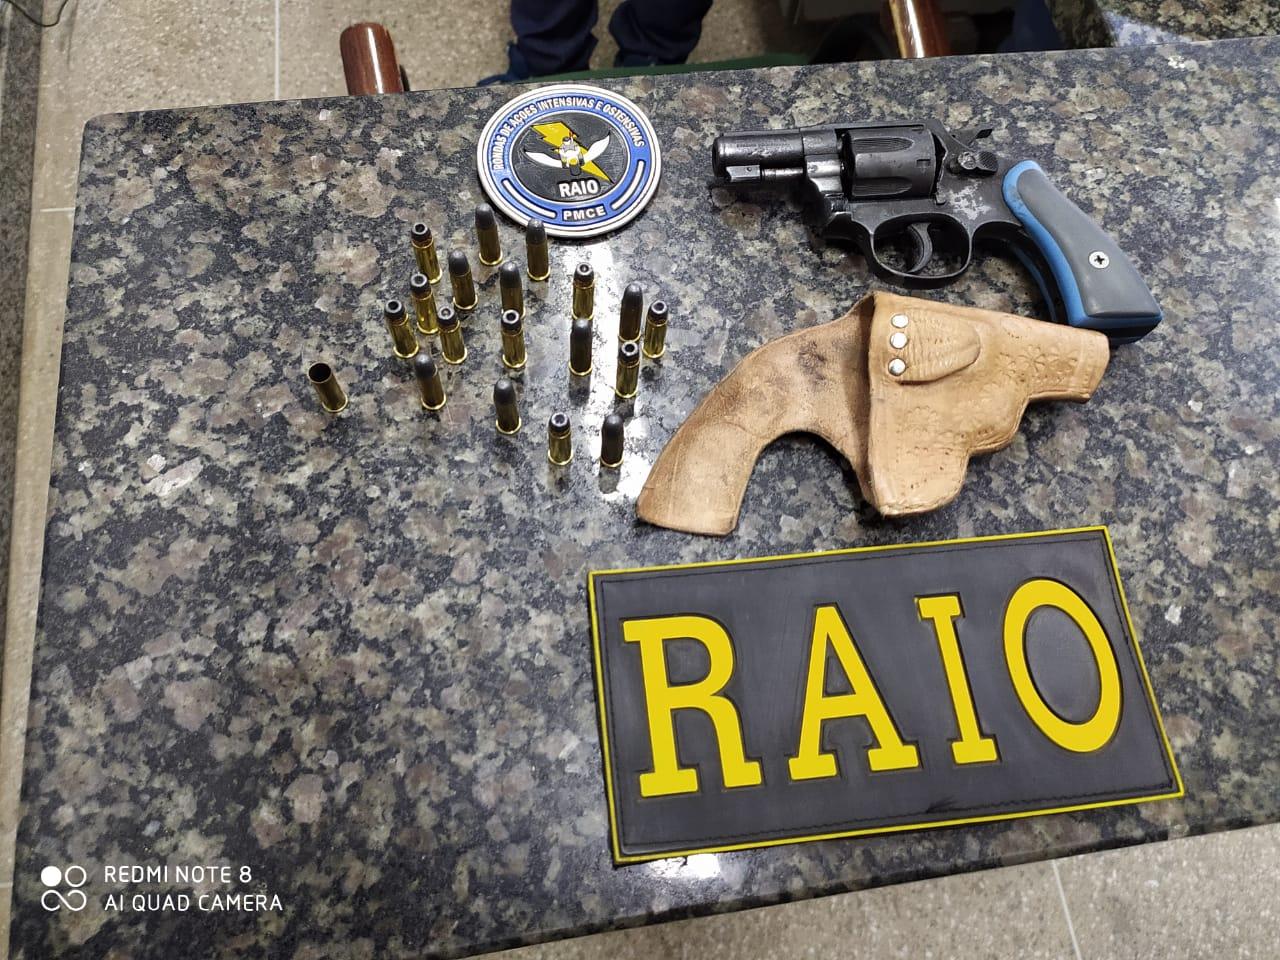 Homem de 33 anos é preso em Crato pelo Raio após efetuar disparo de arma de fogo em via pública FOTO POLÍCIA MILITAR DIVULGAÇÃO